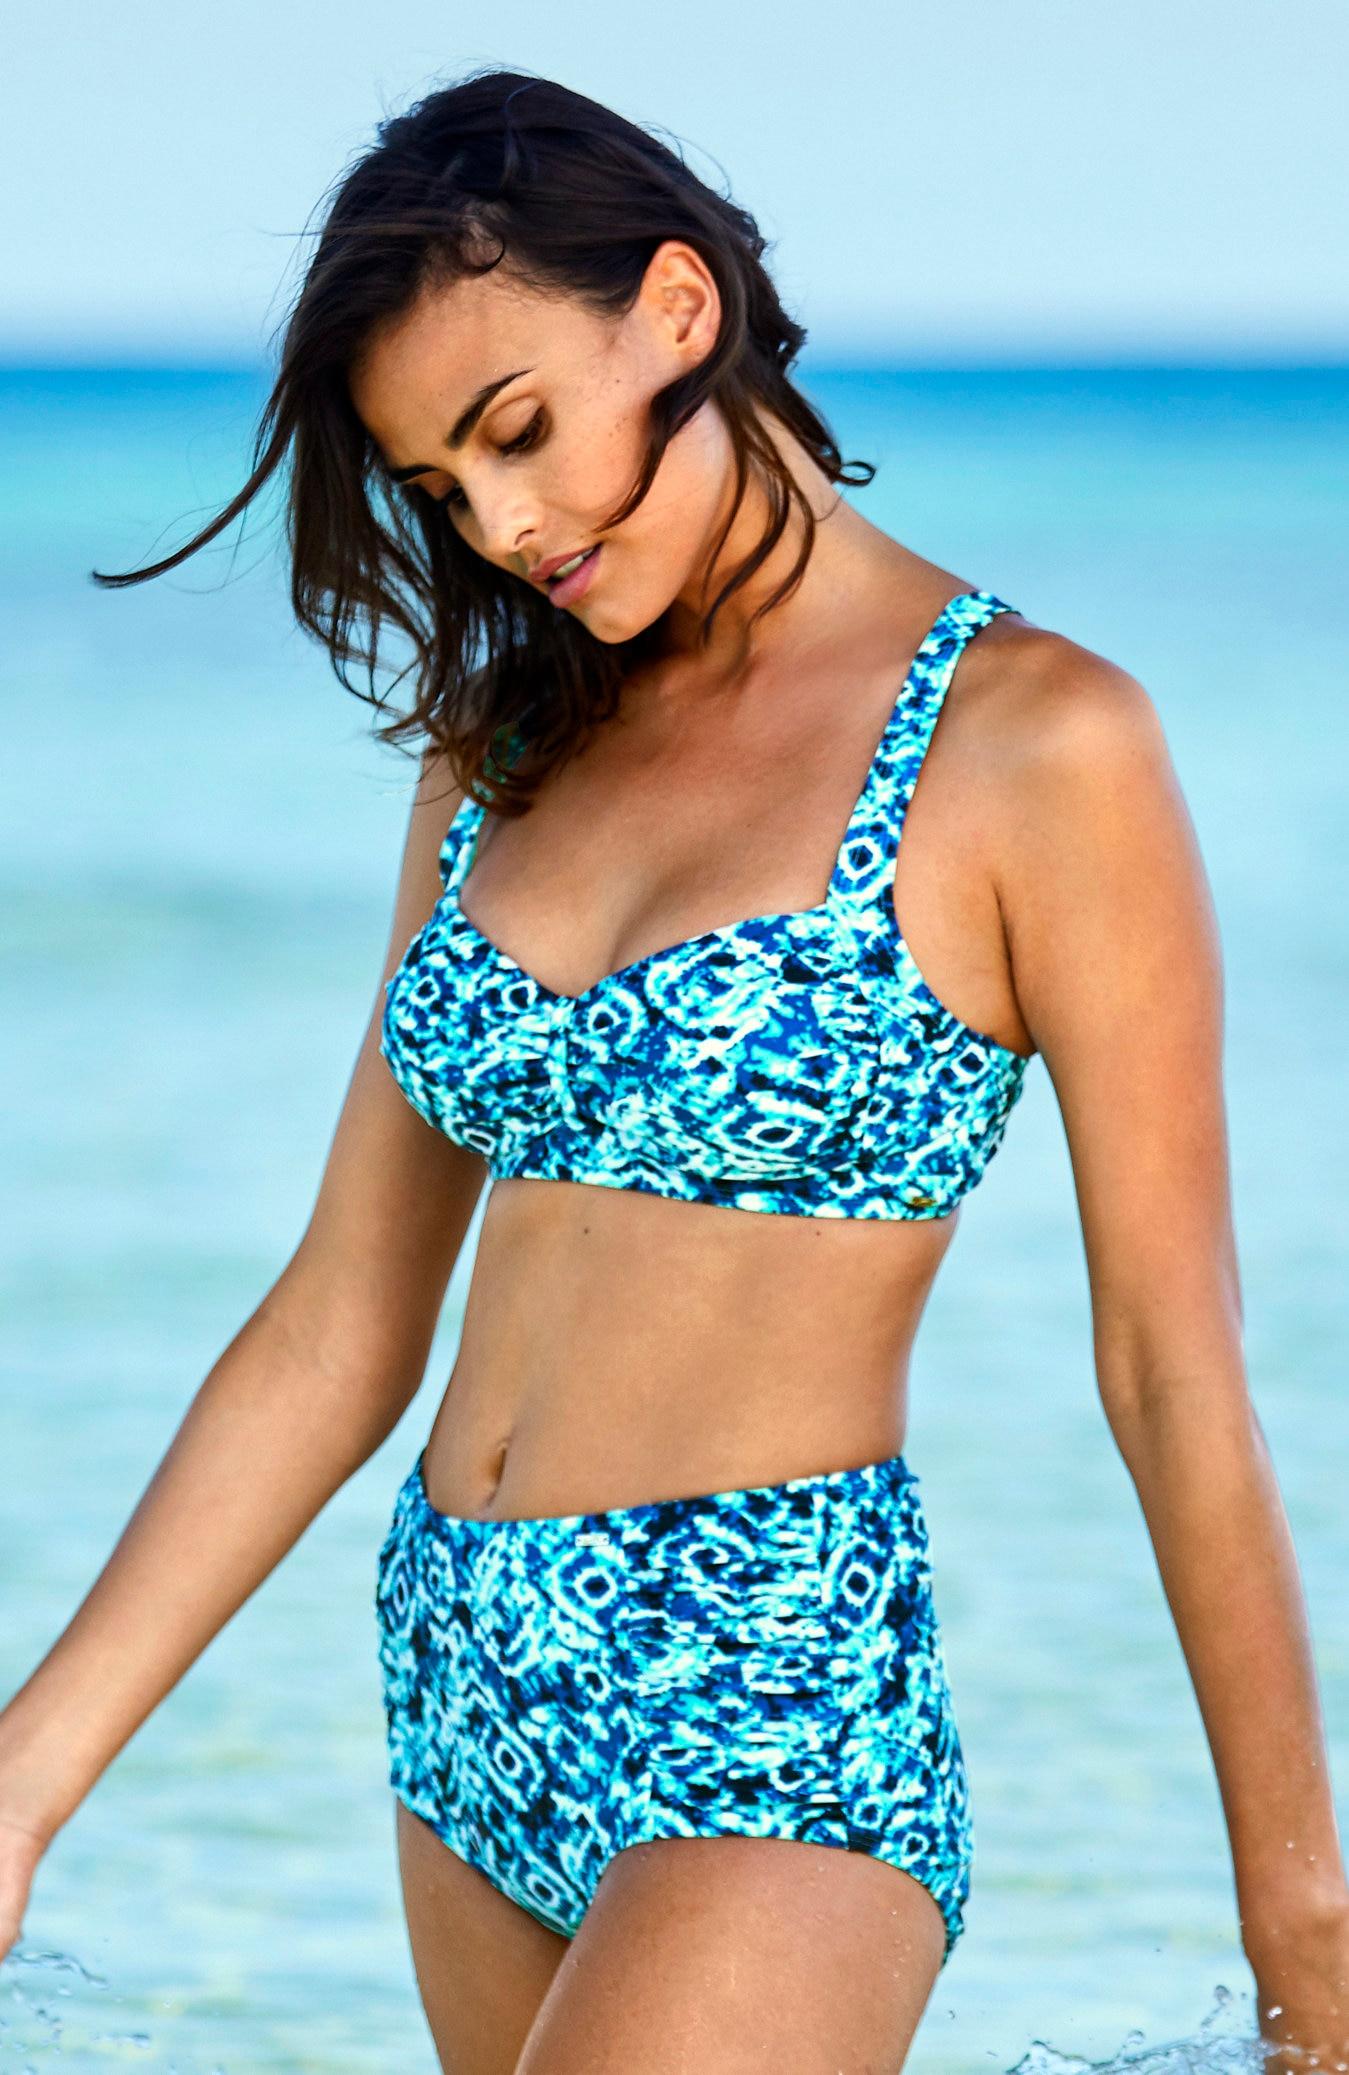 Wysokie majtki od bikini wniebieskie wzory